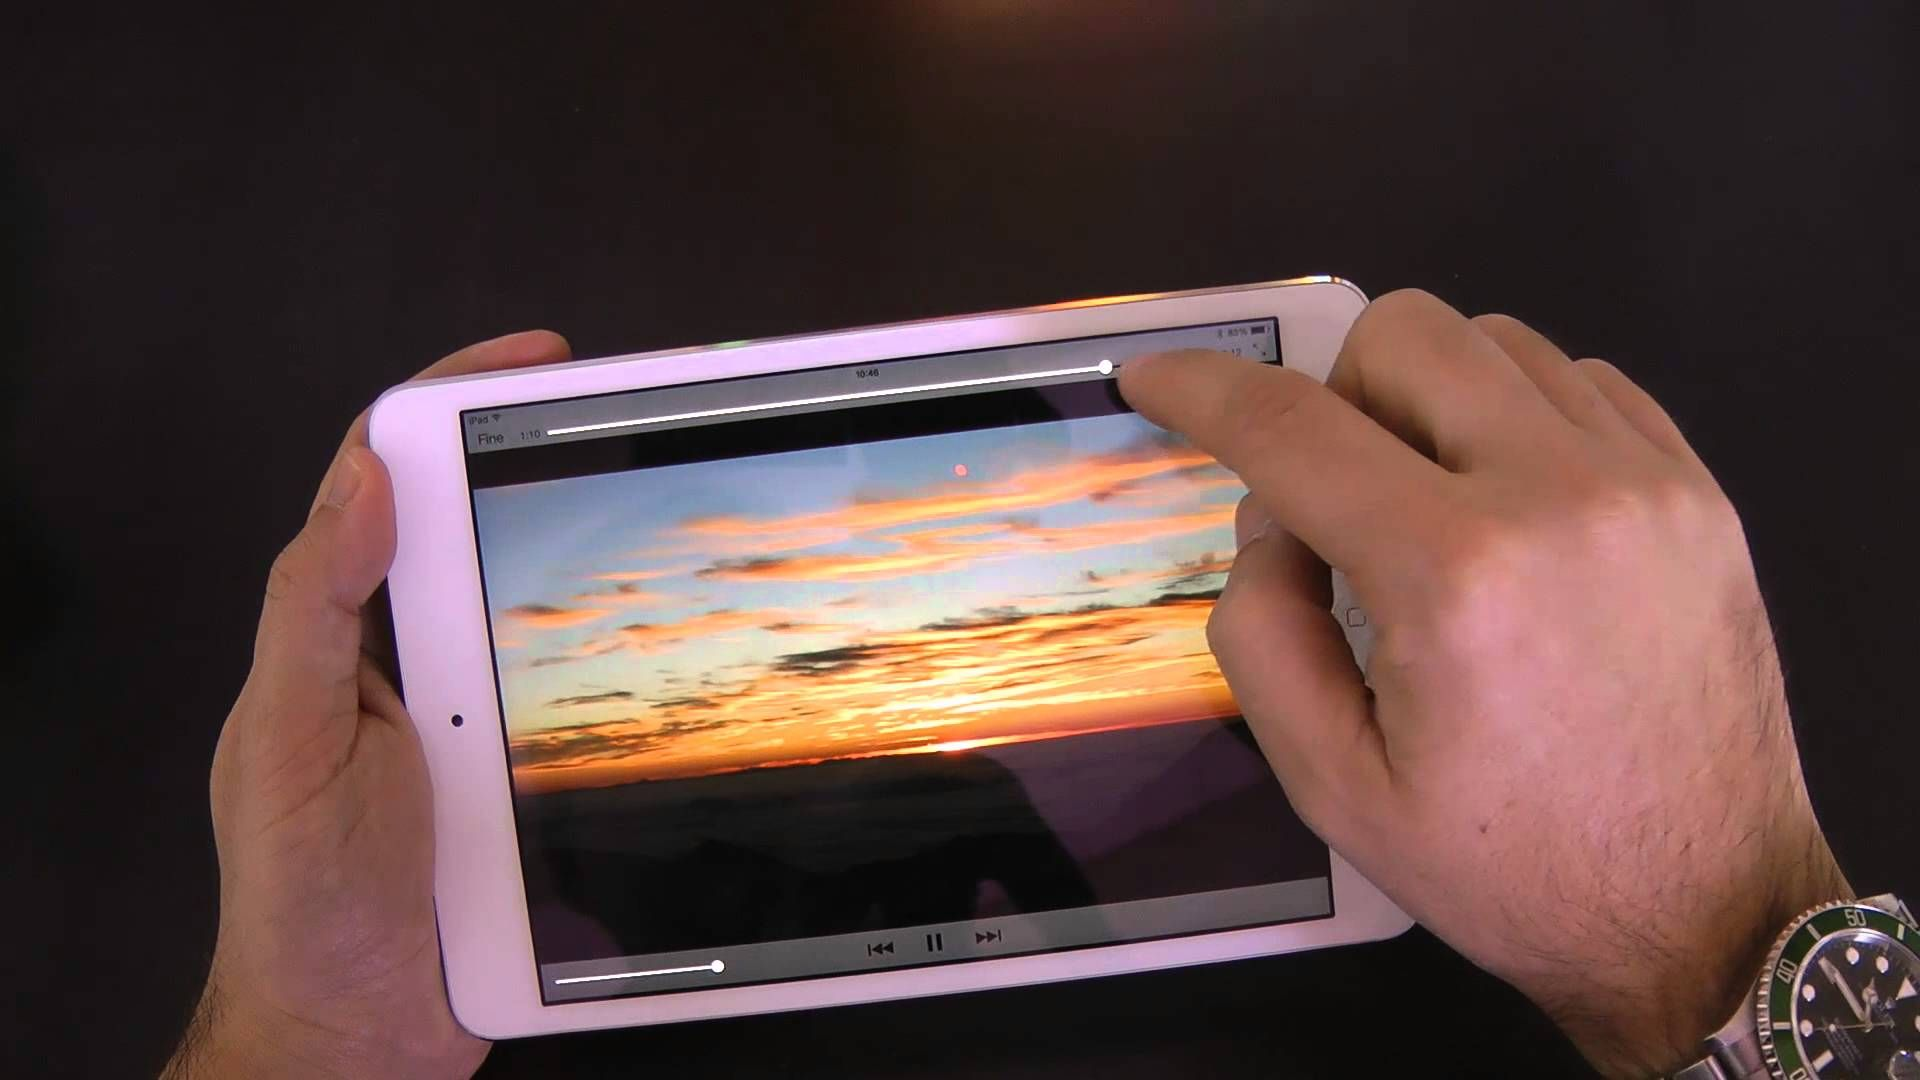 Apple iPad mini retina la videoreview da HDblog.it http